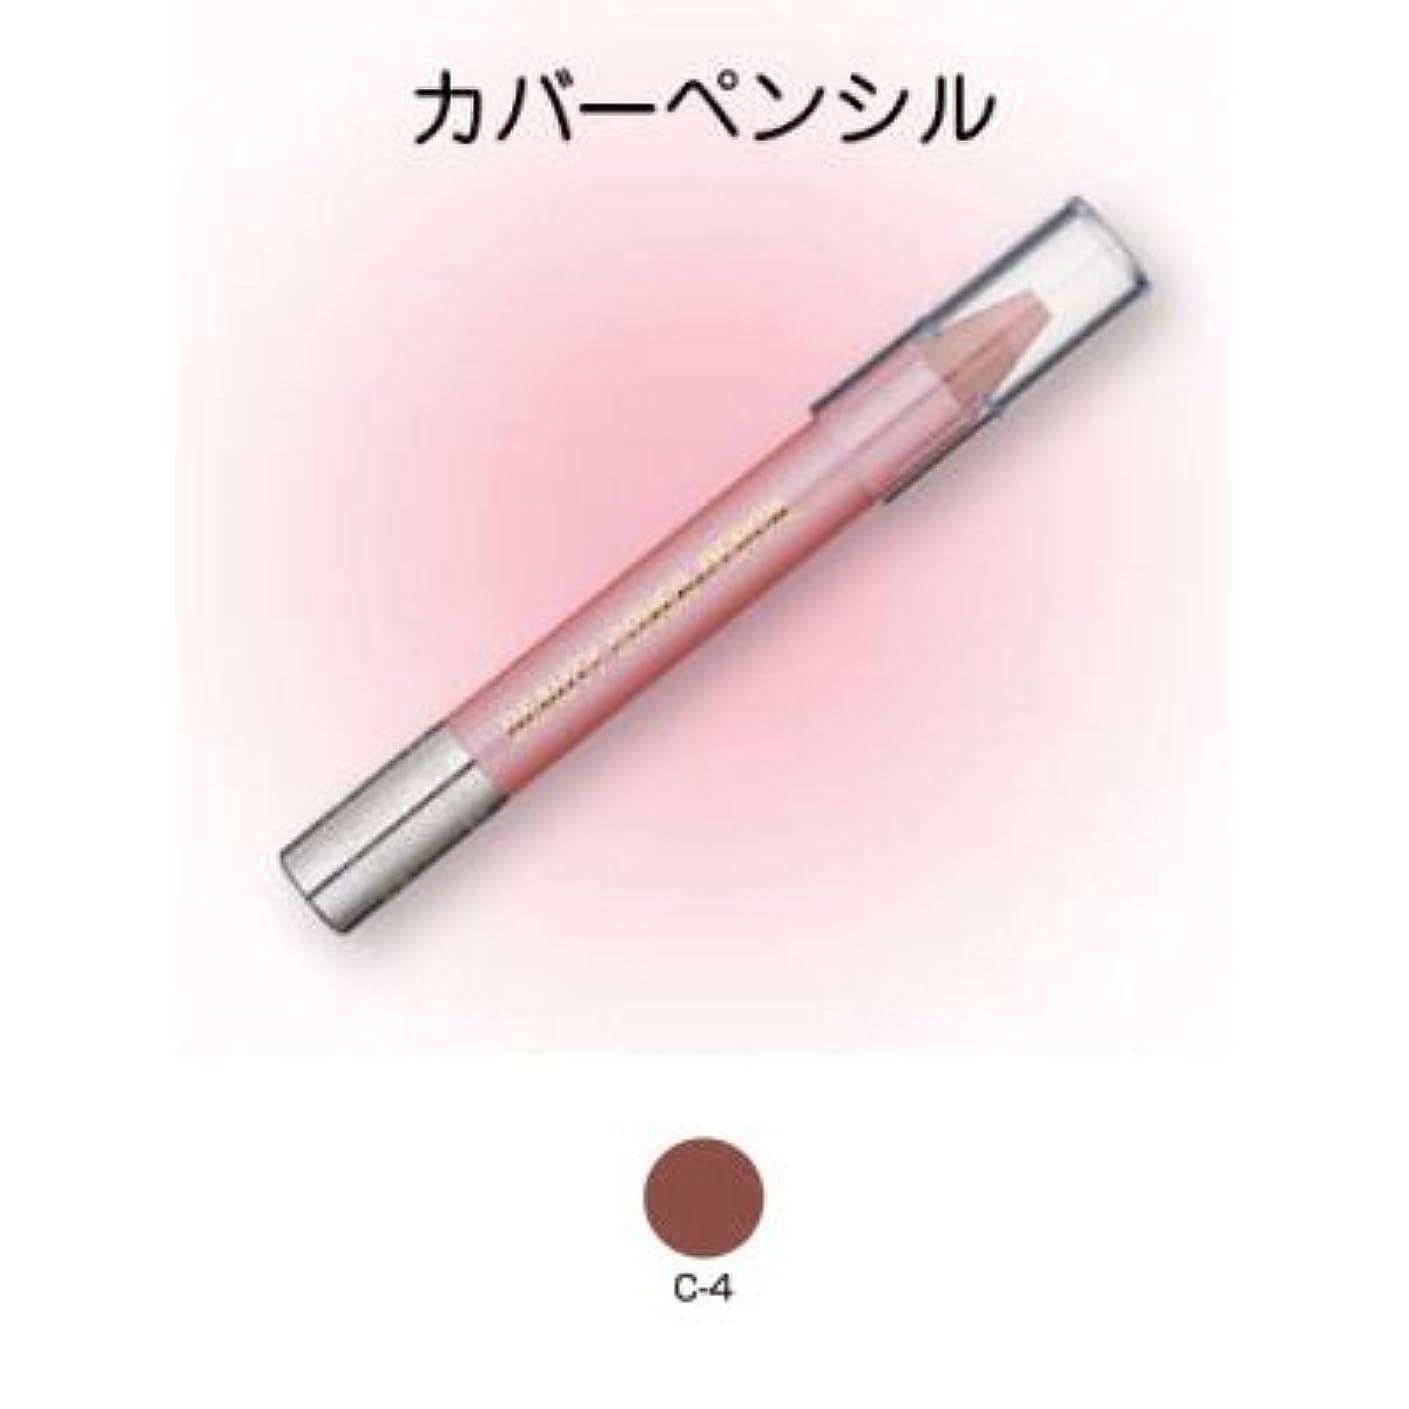 起きている巨大ありふれたビューティーカバーペンシル C-4【三善】